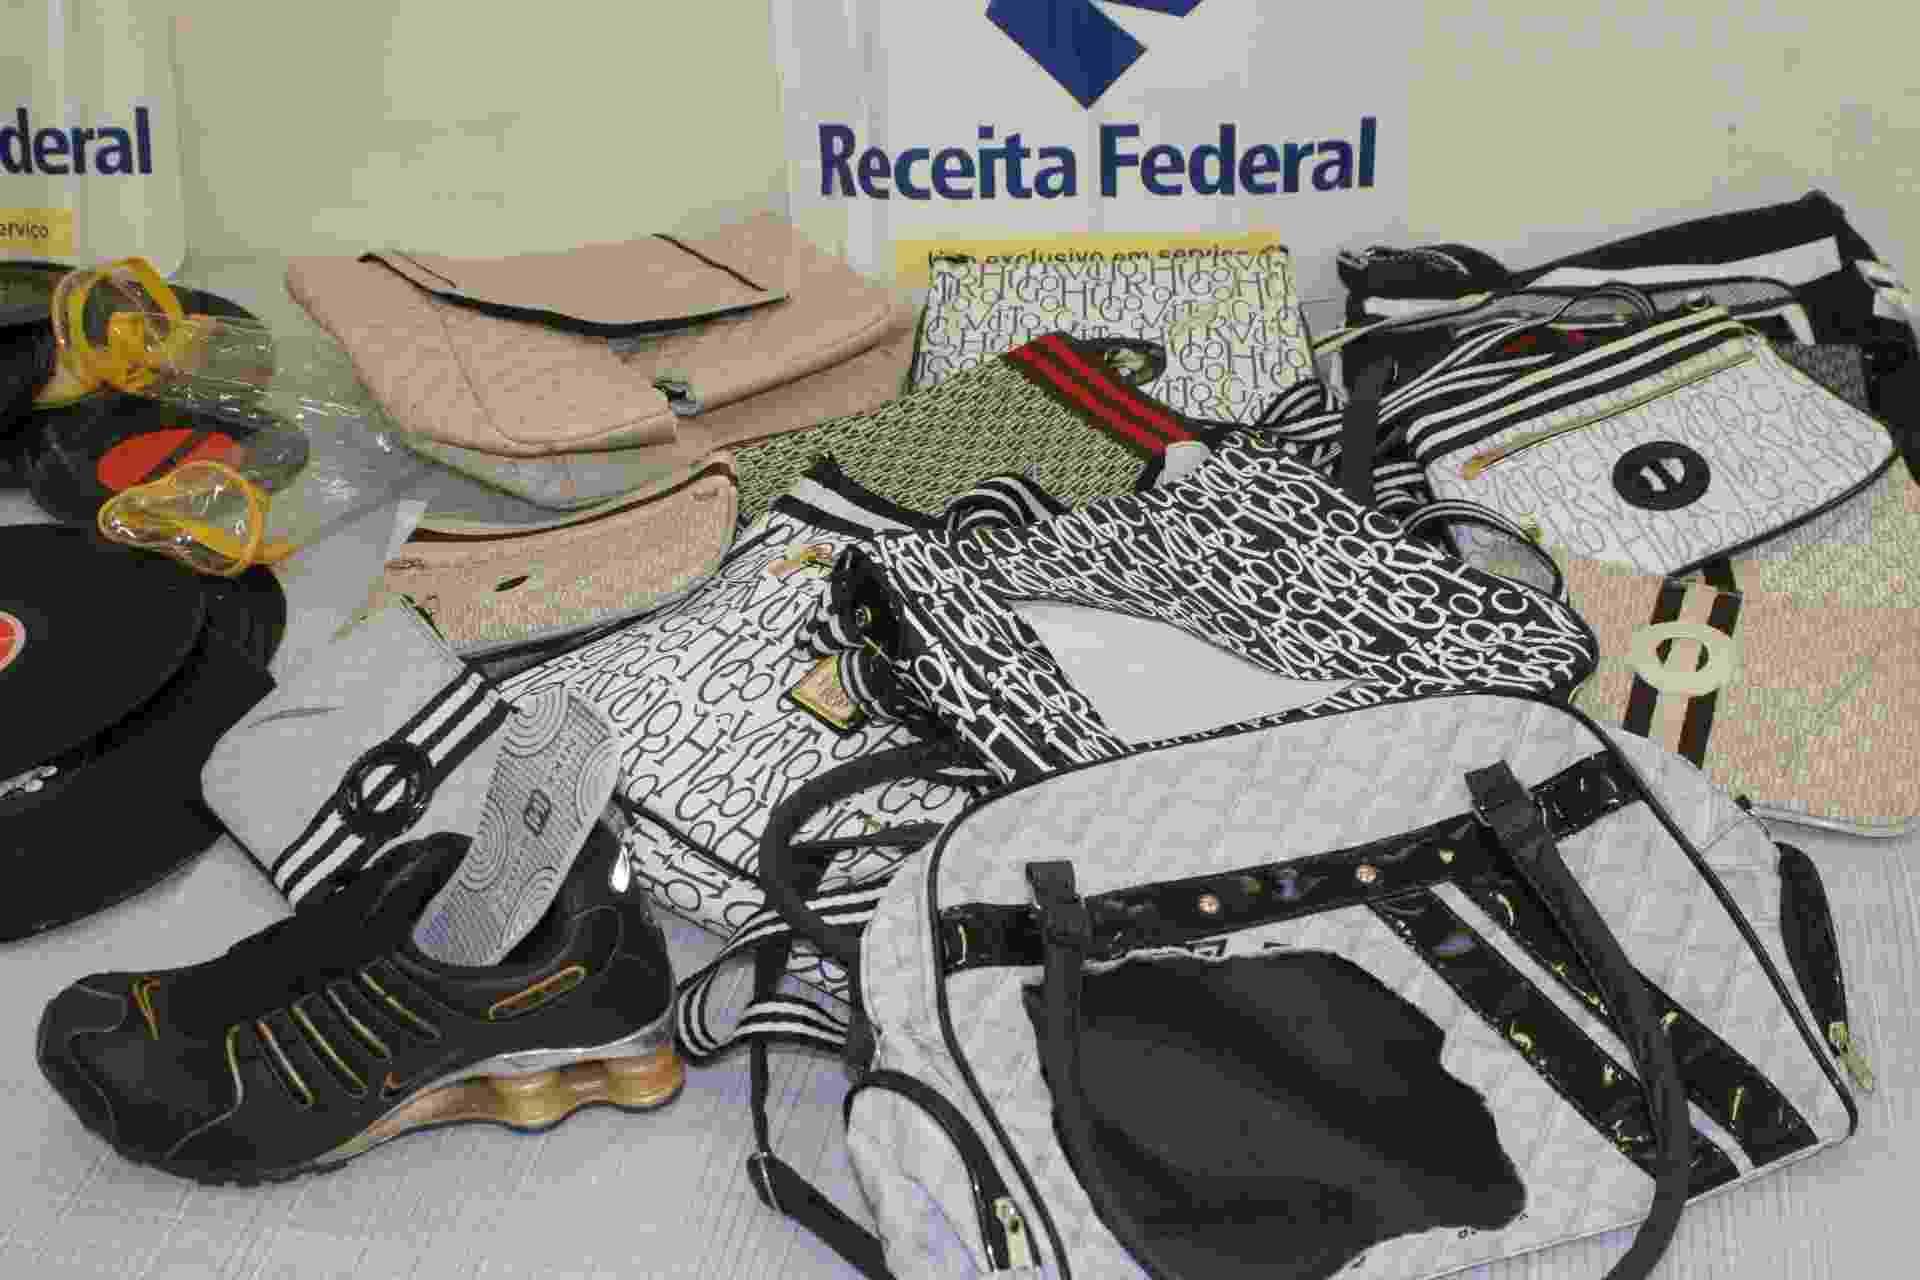 Produtos ilegais apreendidos pela Receita Federal do Rio Grande do Sul - Patrícia Silva Fagundes/Divulgação